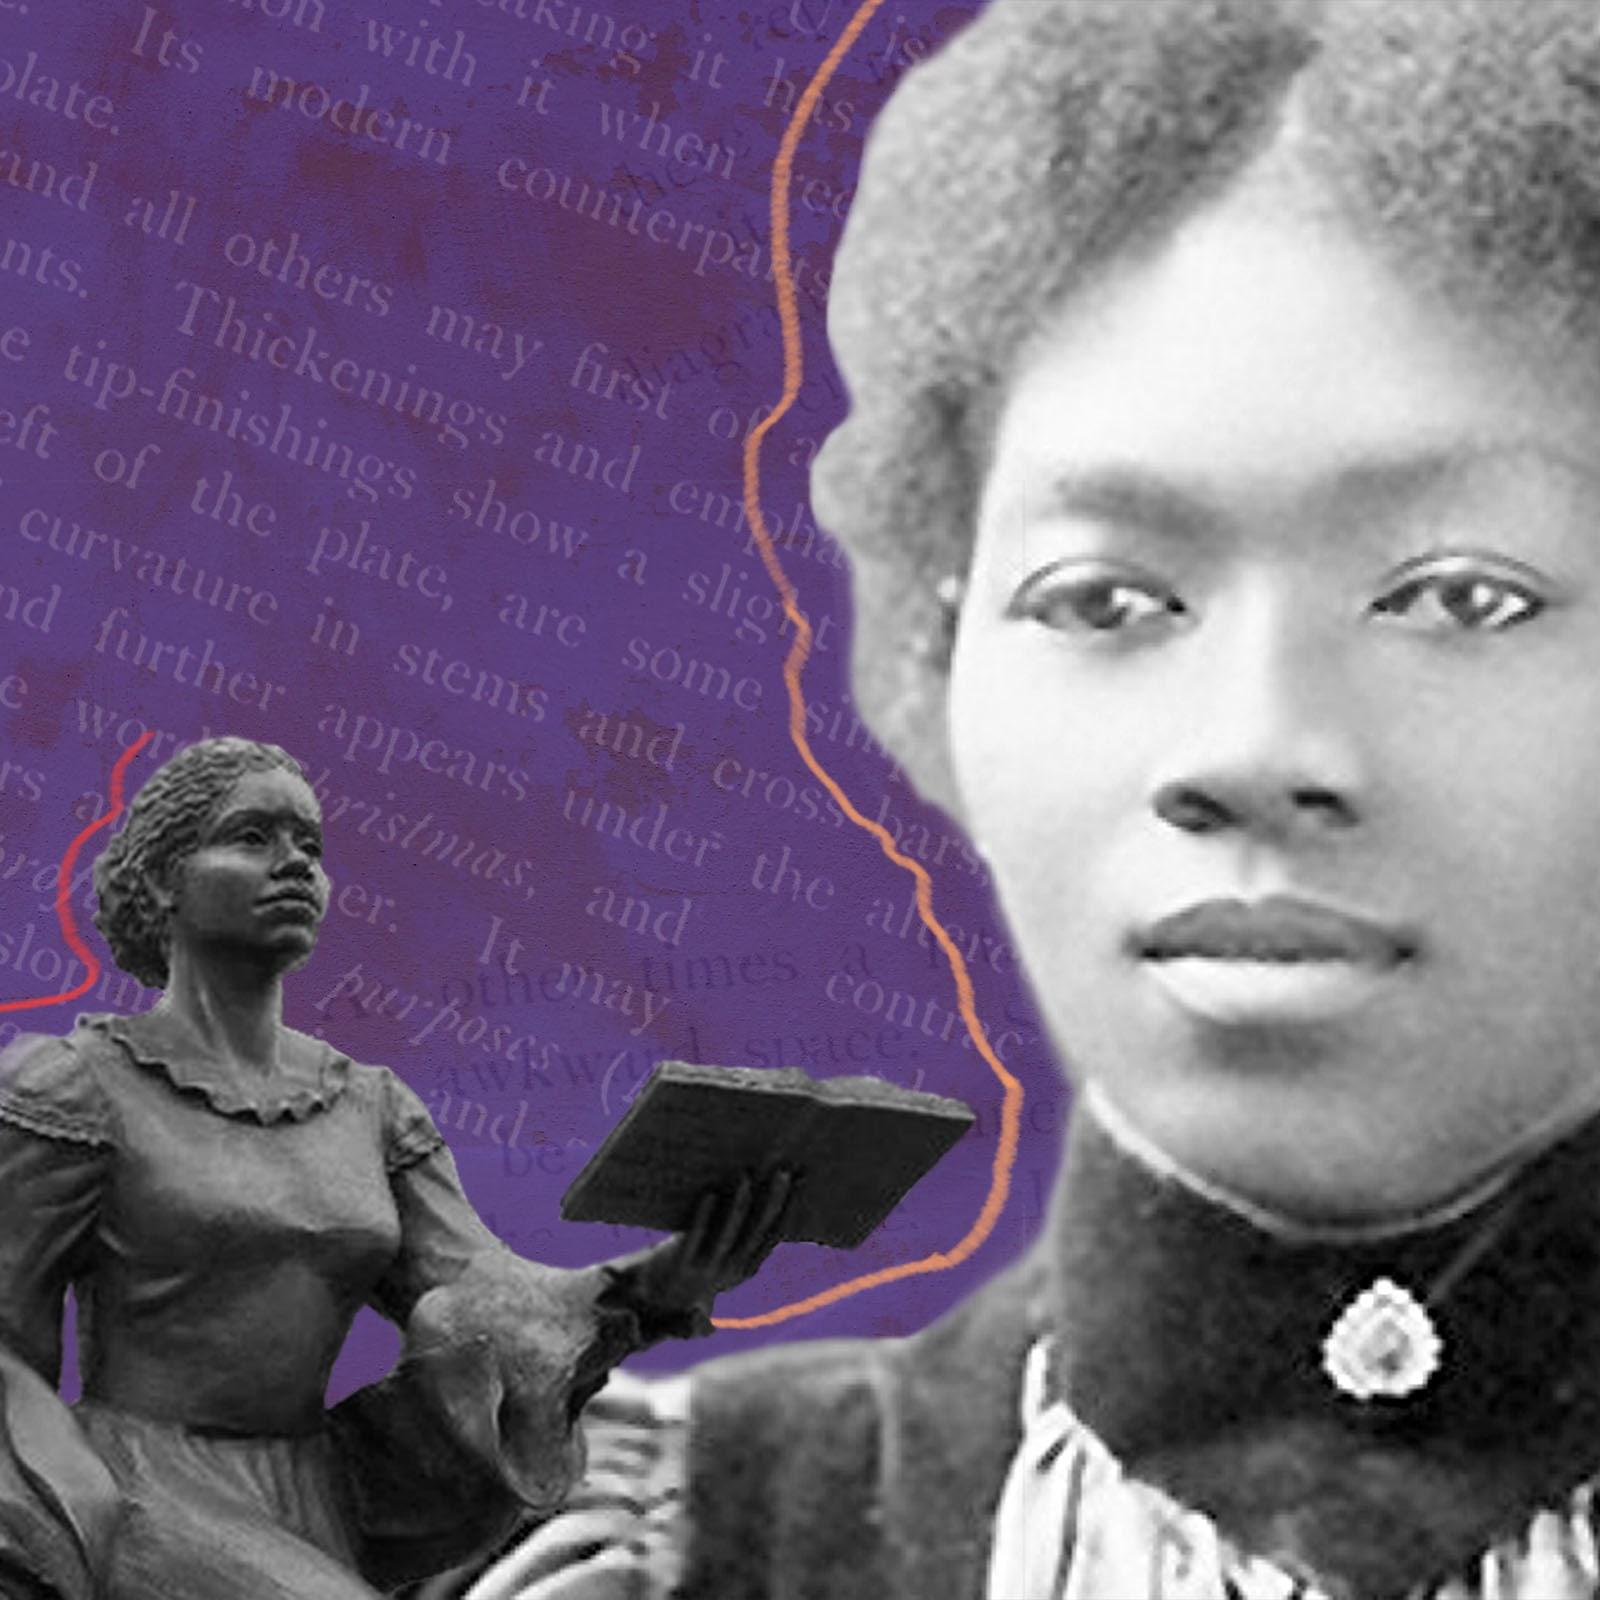 10 autoras de ficção e poetas negras norte-americanas que você precisa conhecer